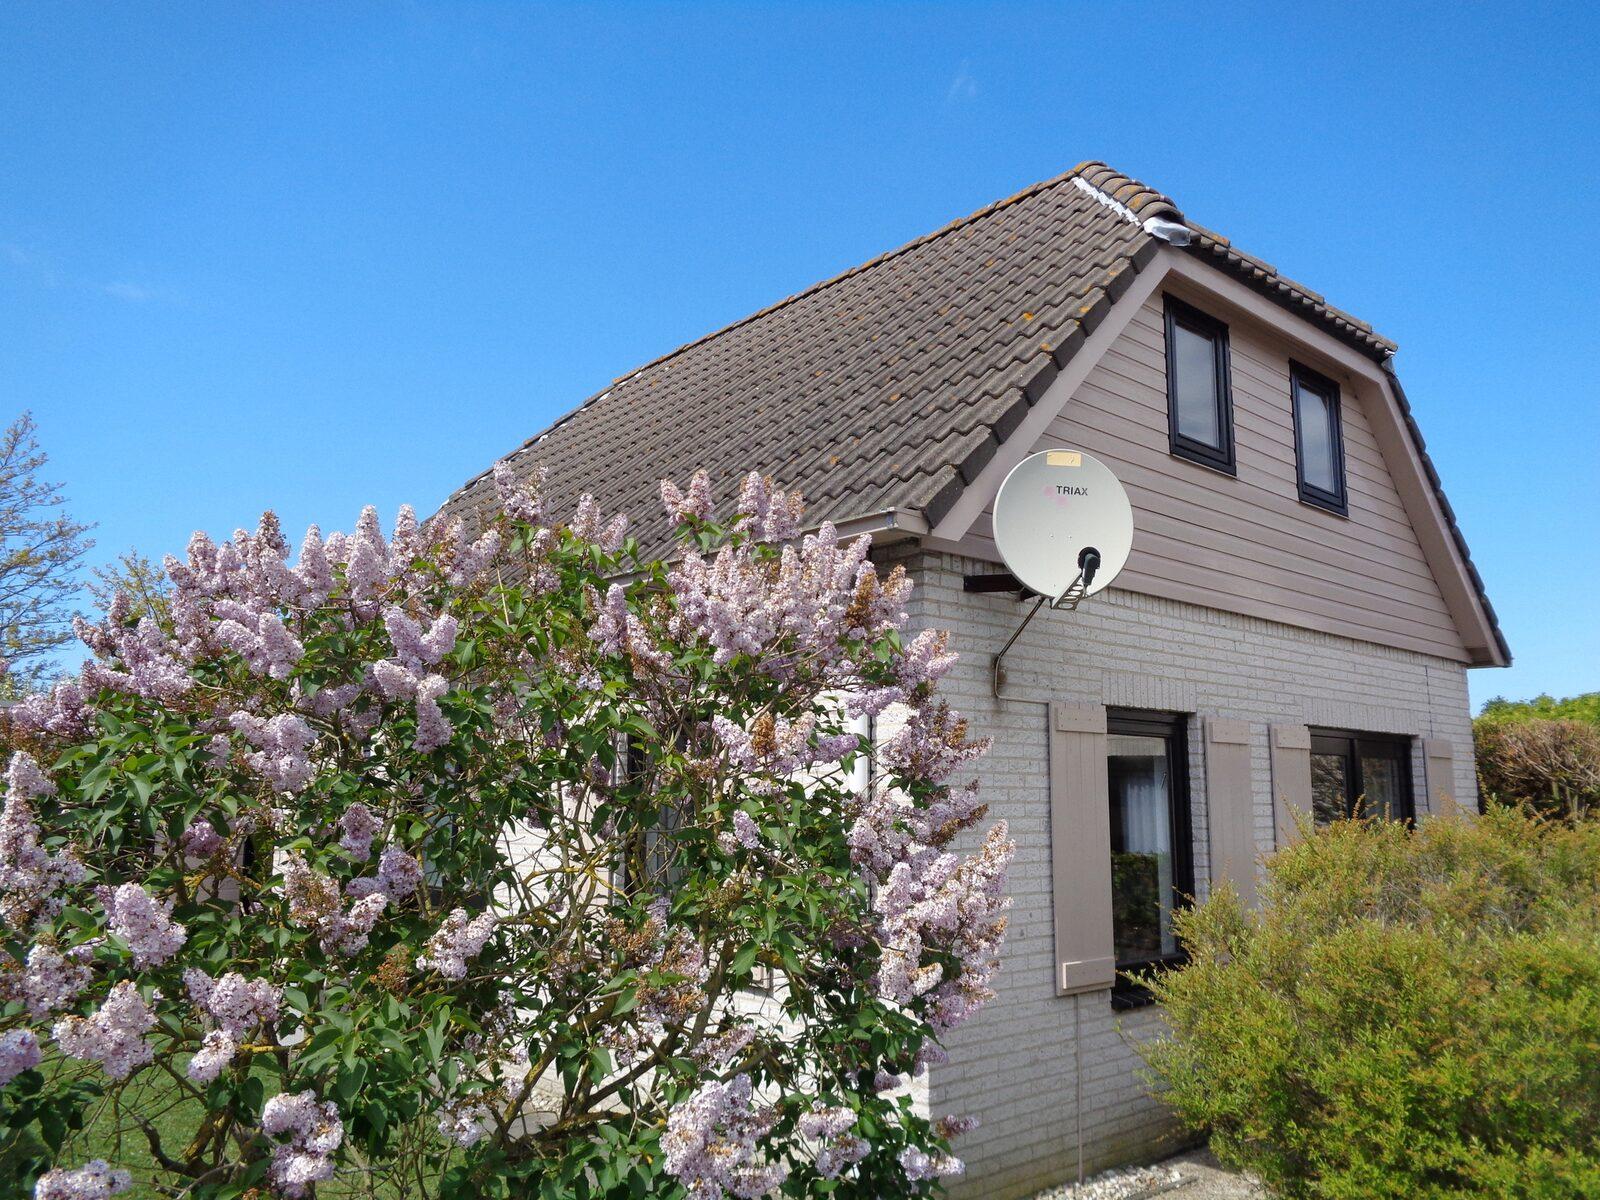 Zuiderdiep 033 - Noordzeepark Ouddorp